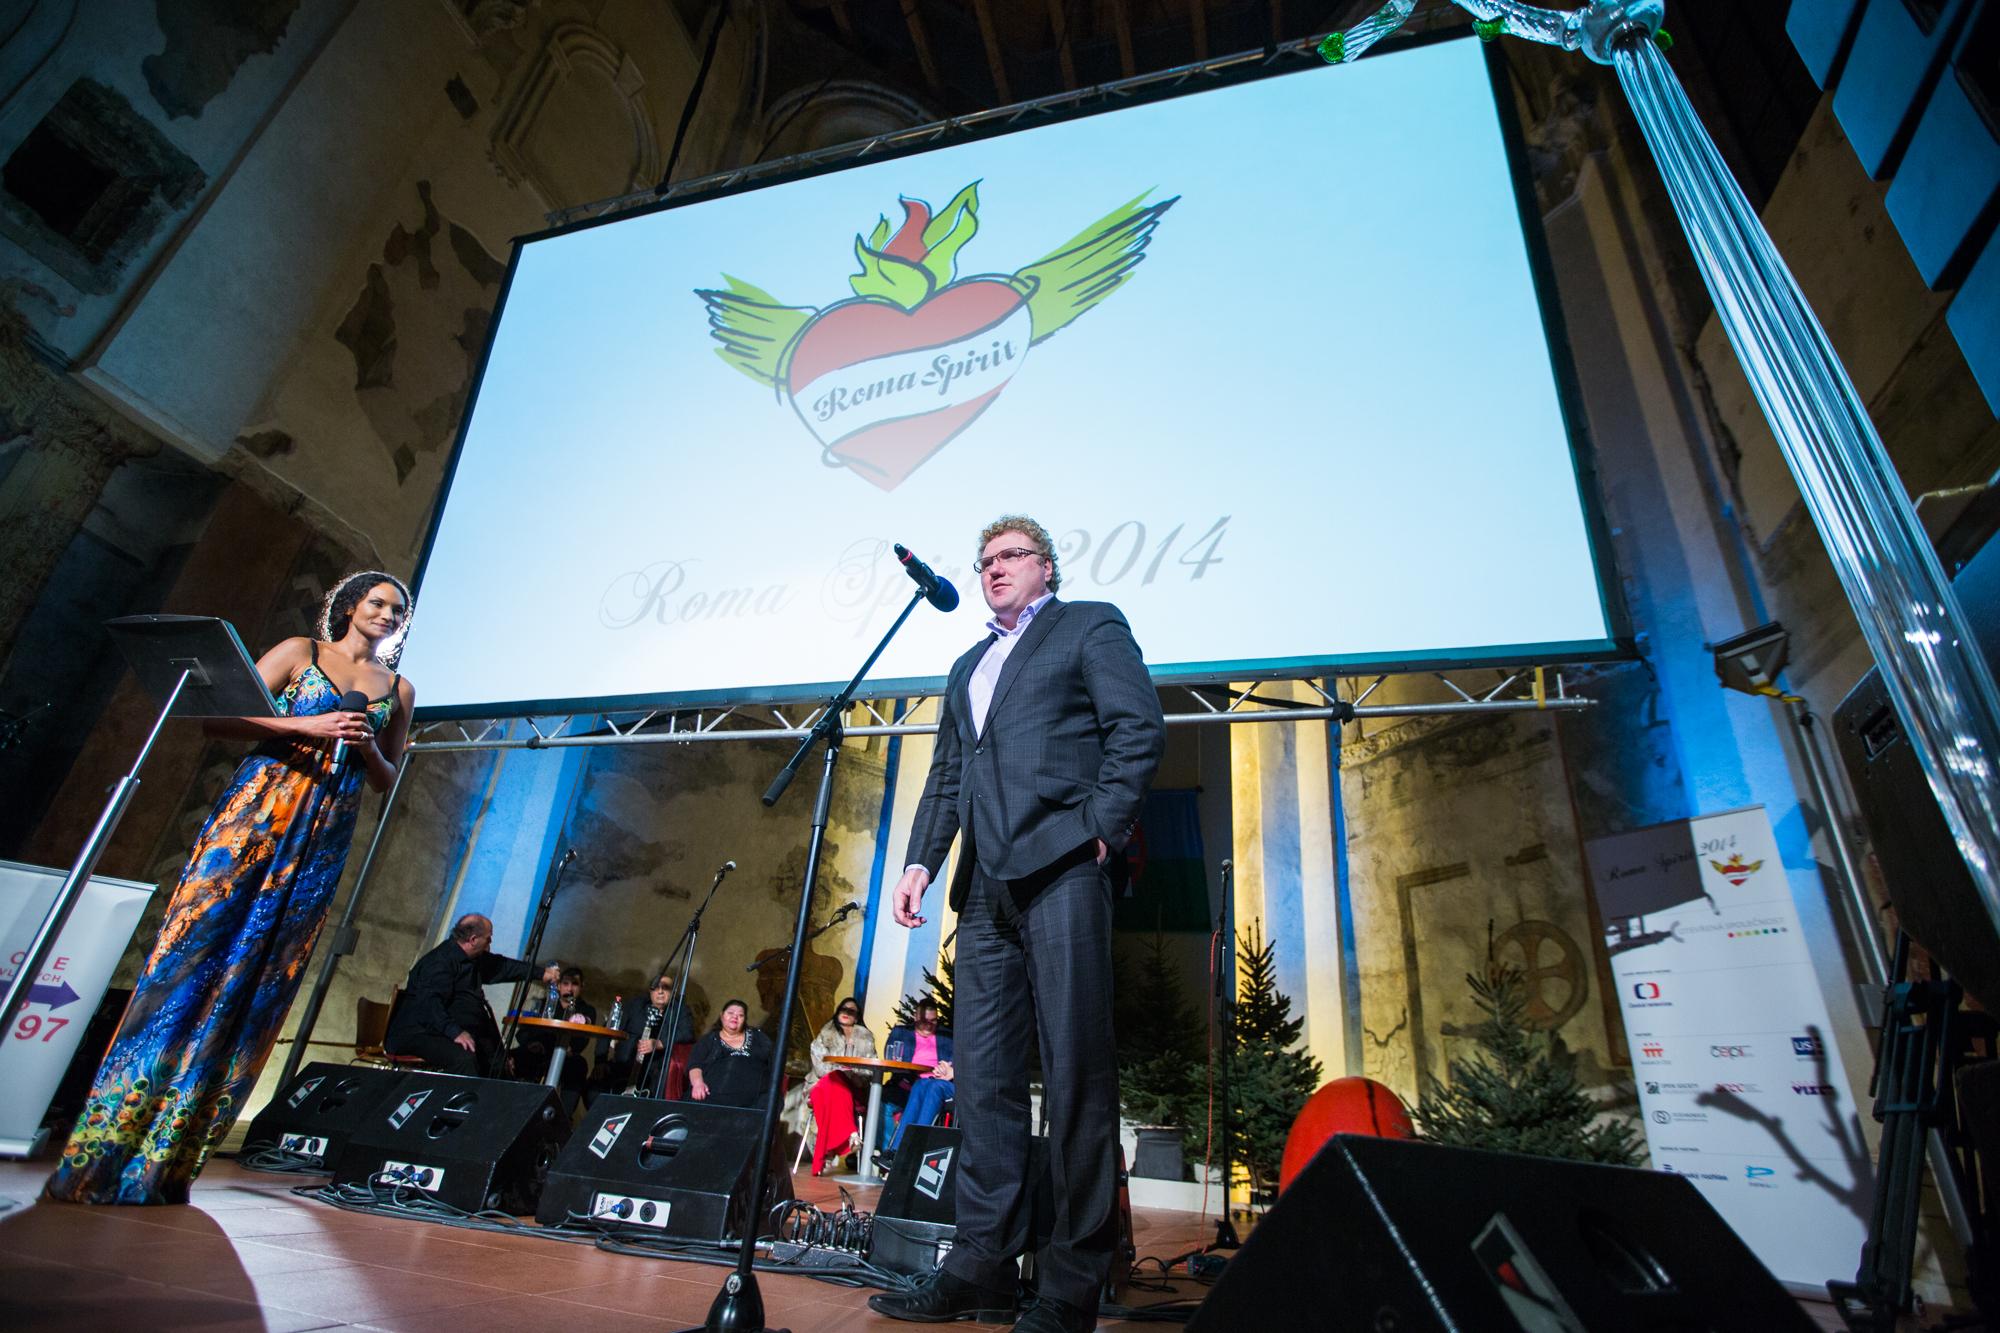 Programový ředitel ČT Milan Fridrich promluvil za Českou televizi, hlavního mediálního partnera.